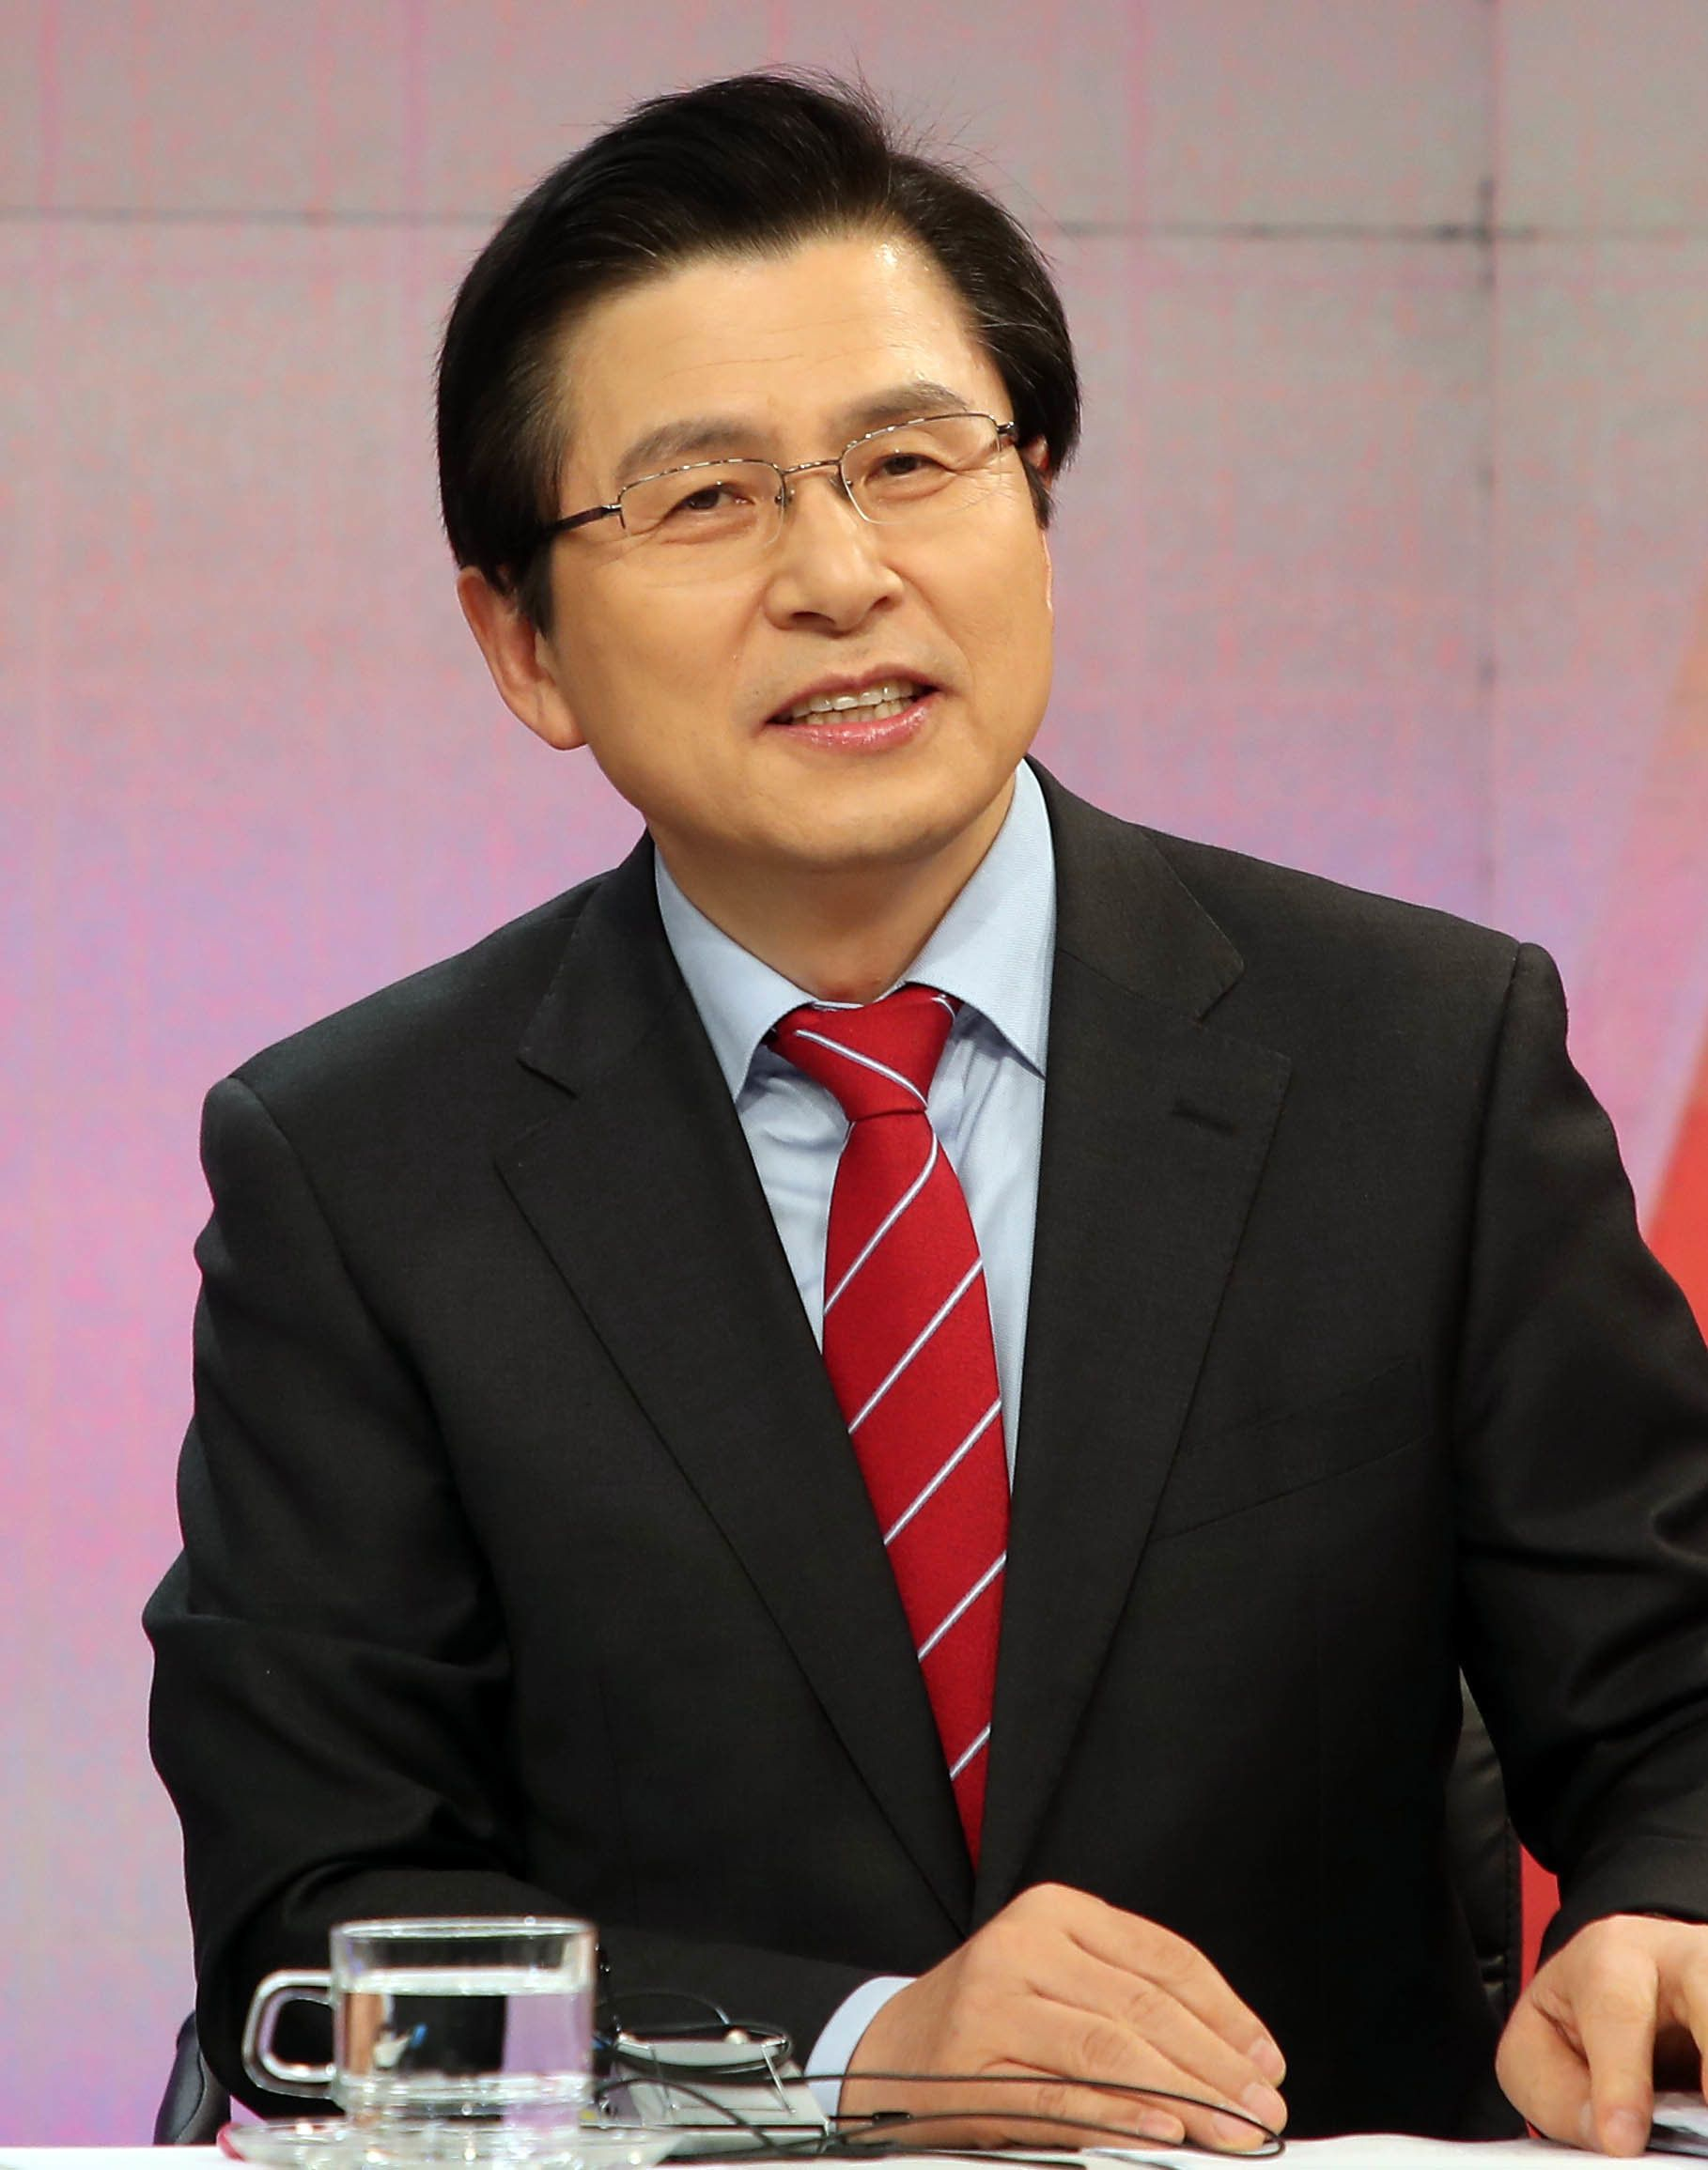 '박근혜 탄핵'에 대한 황교안의 오락가락 답변은 오늘도